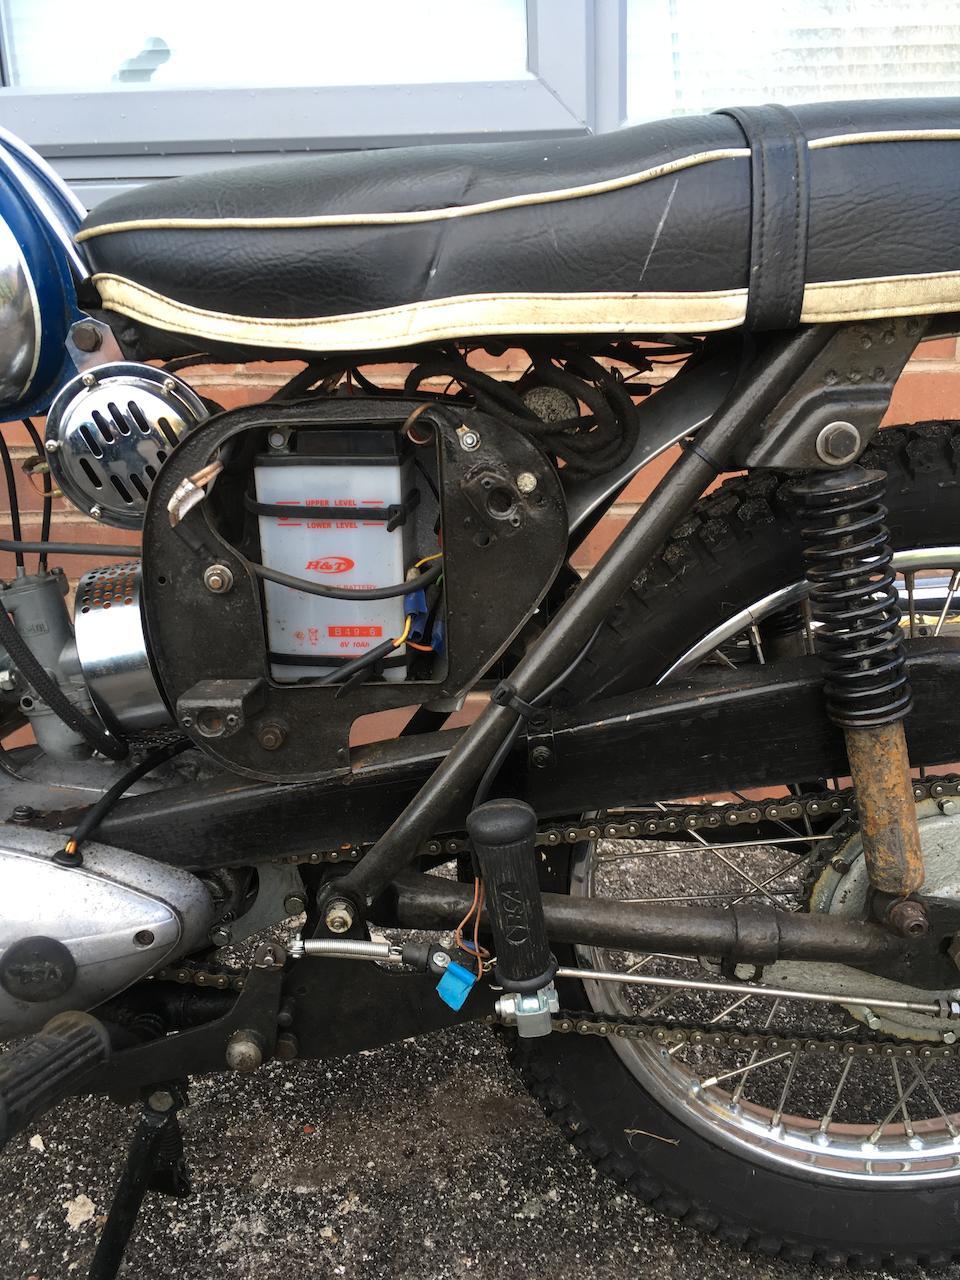 1968 BSA 172cc D14 Bantam Frame no. D14B 2451 Engine no. AD04994 B175